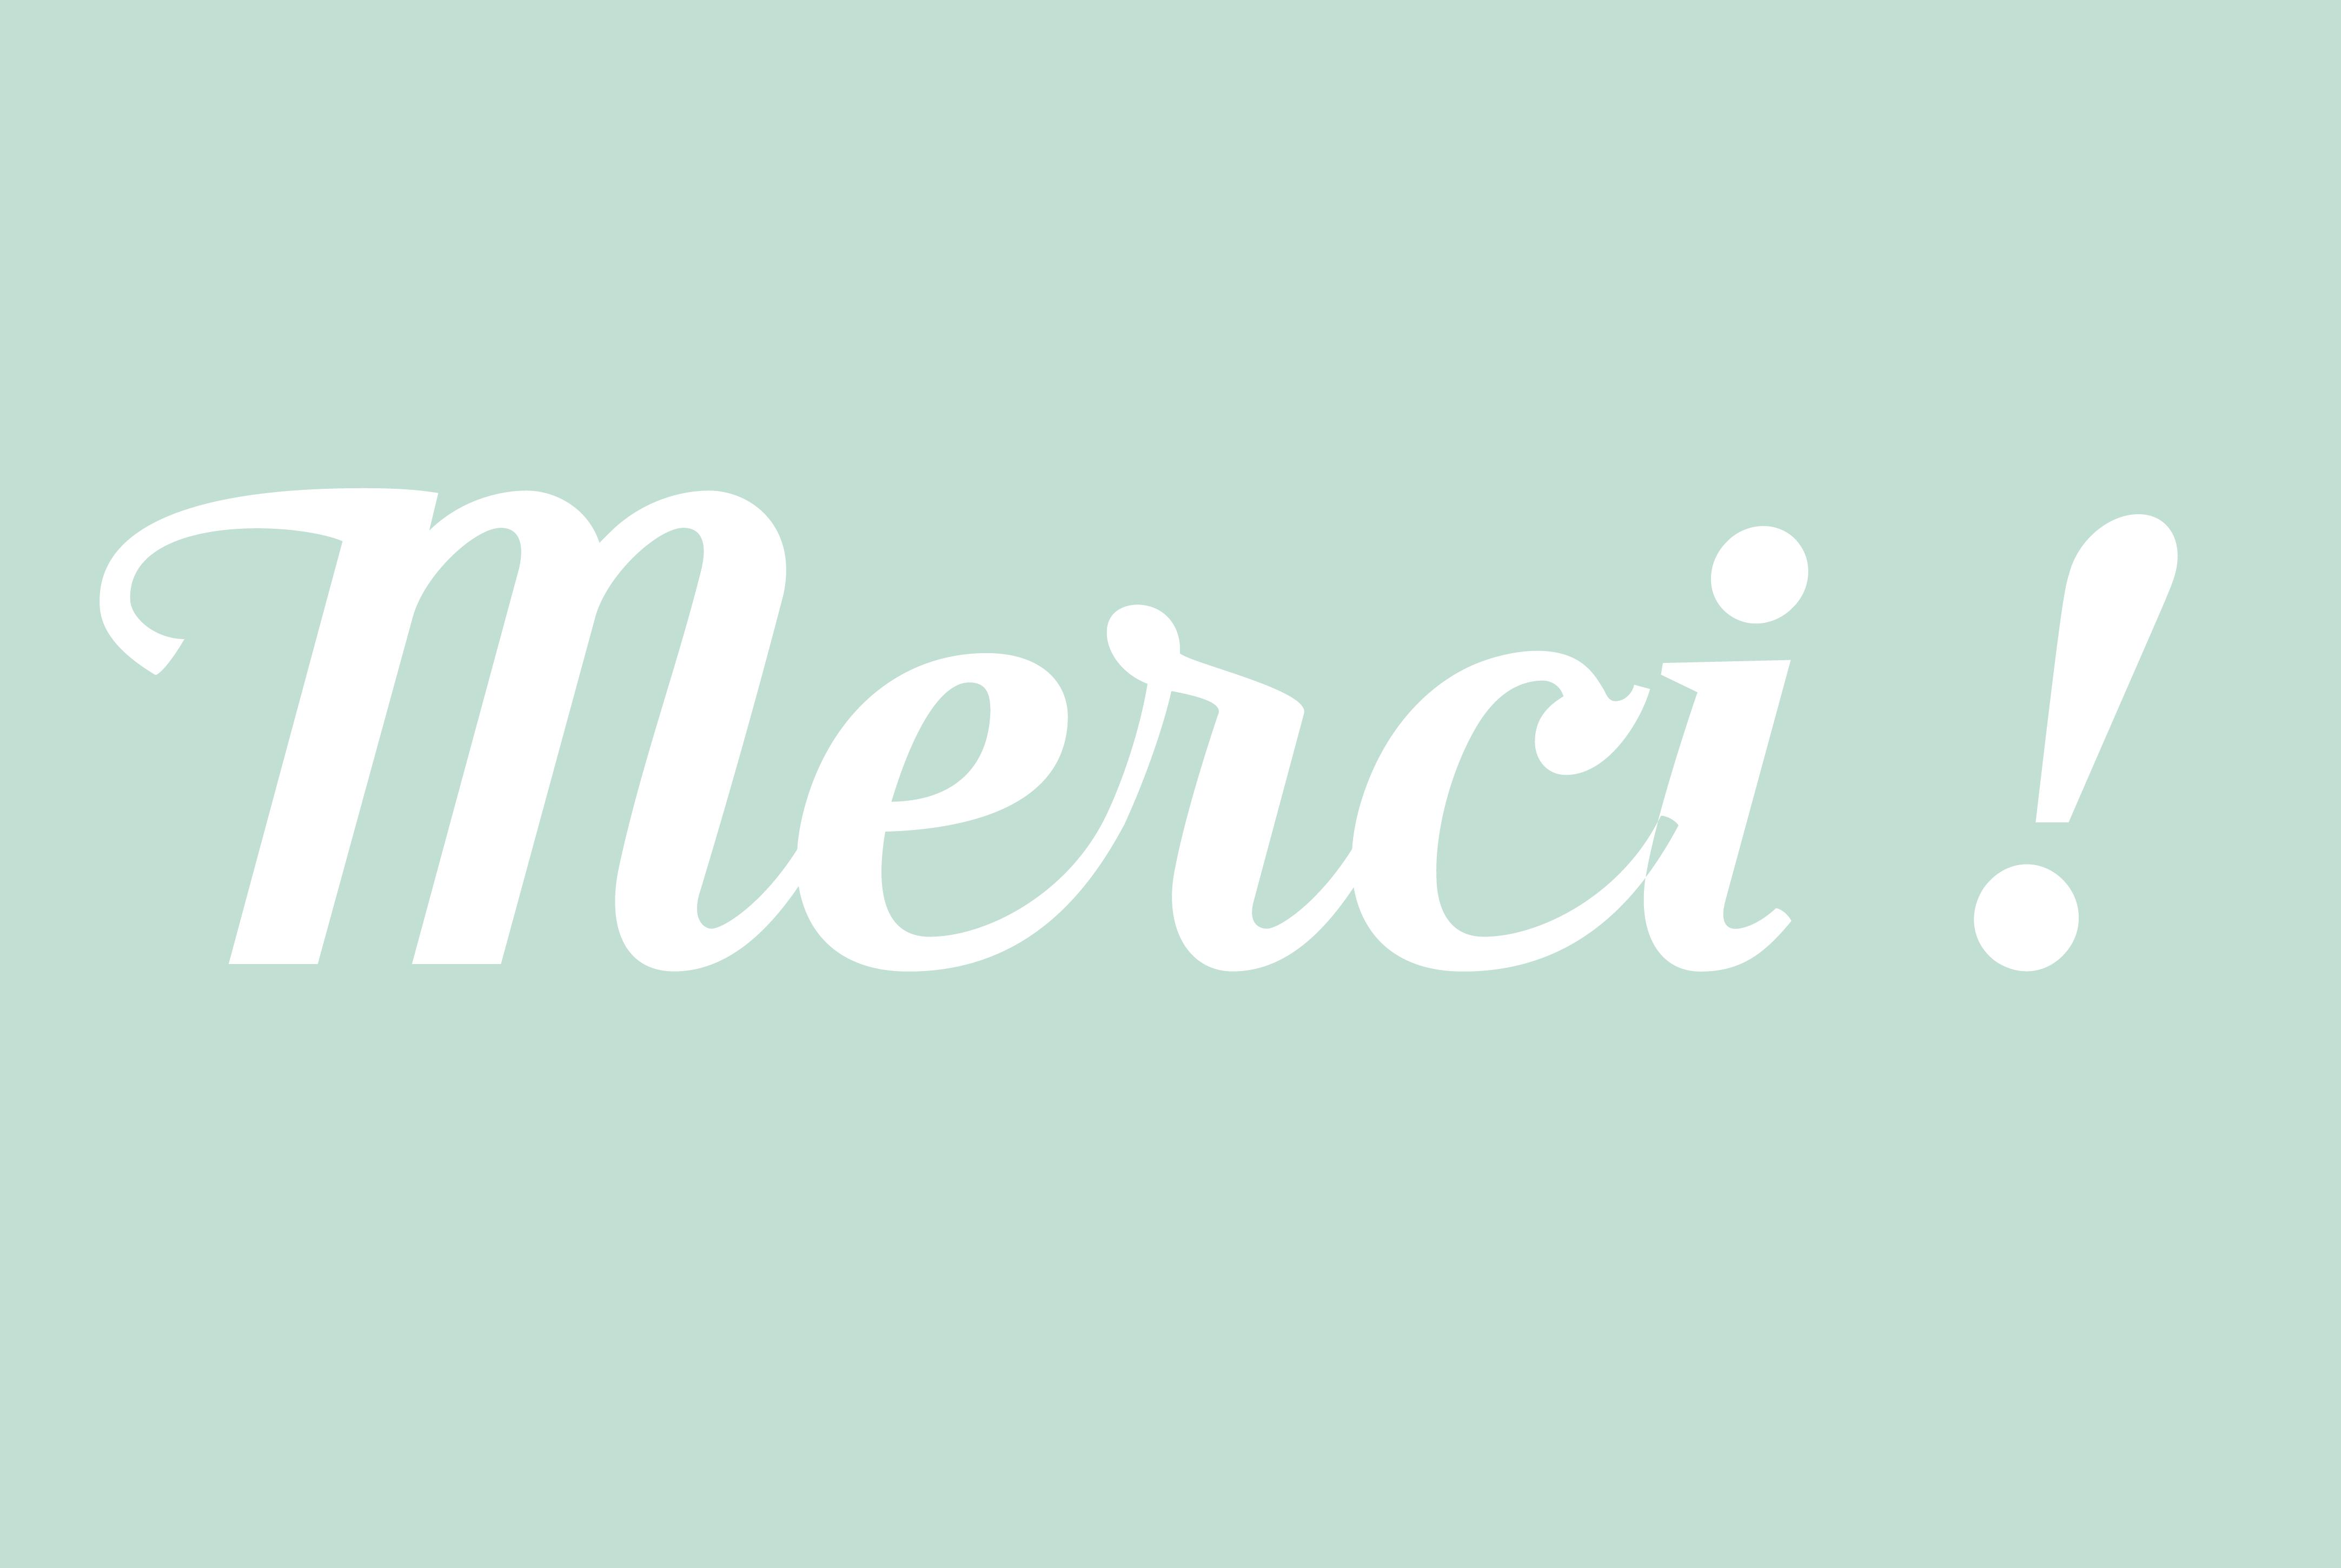 merci-1418116164.png